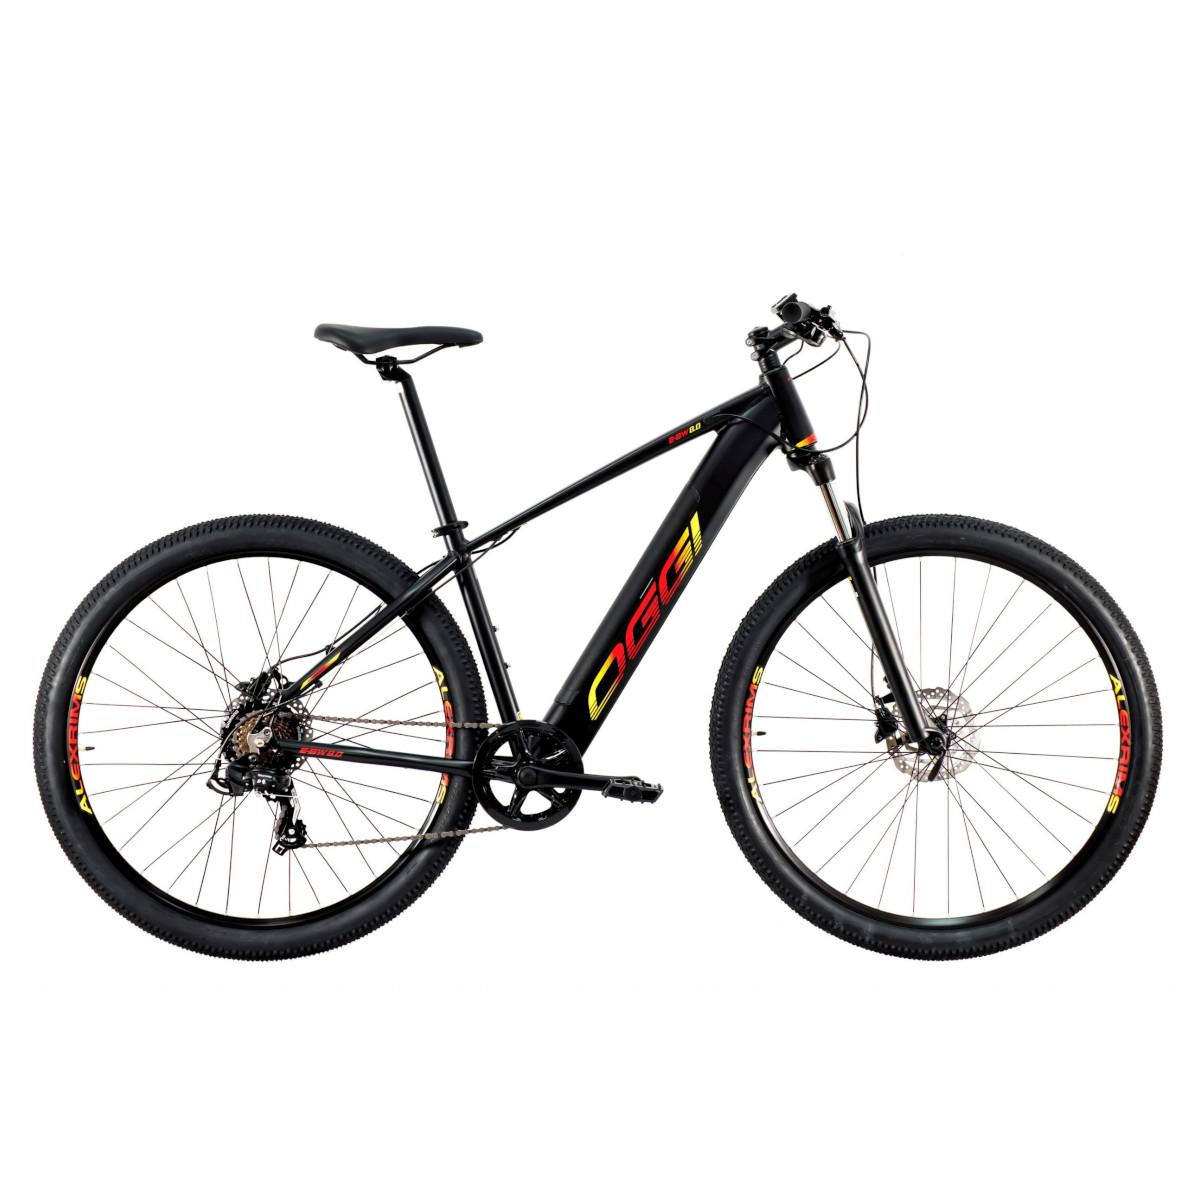 E-Bike Big Wheel 8.0 2021 Pedal Assistido Preto/Verm/Amarelo